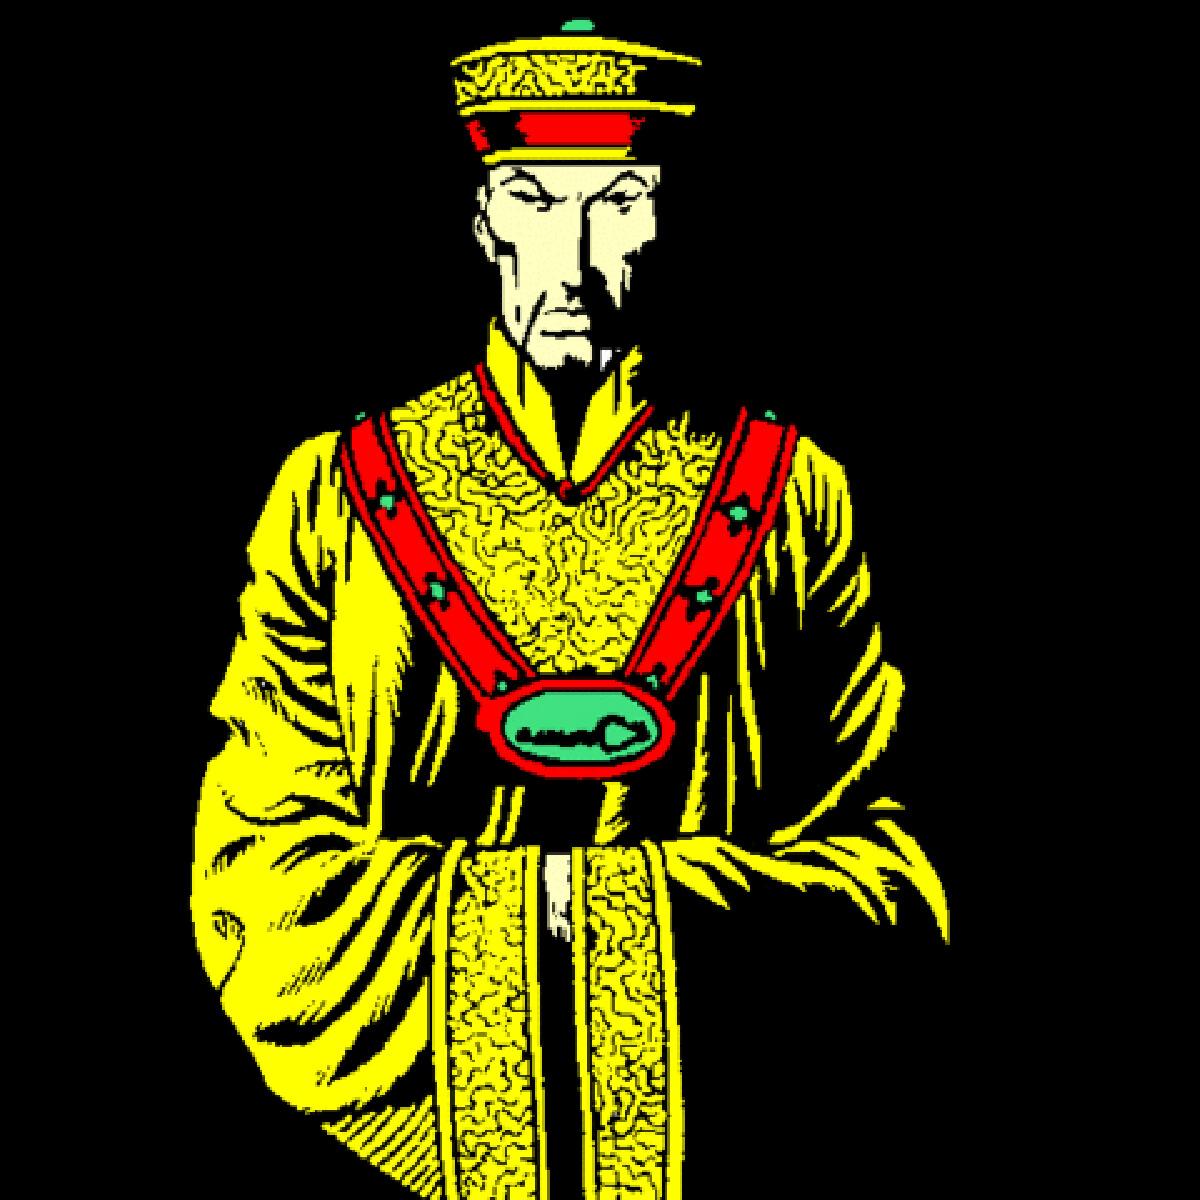 Fu Manchu ฉบับมาร์เวล คอมิกส์ ใน Shang-Chi (ชาง-ชี)